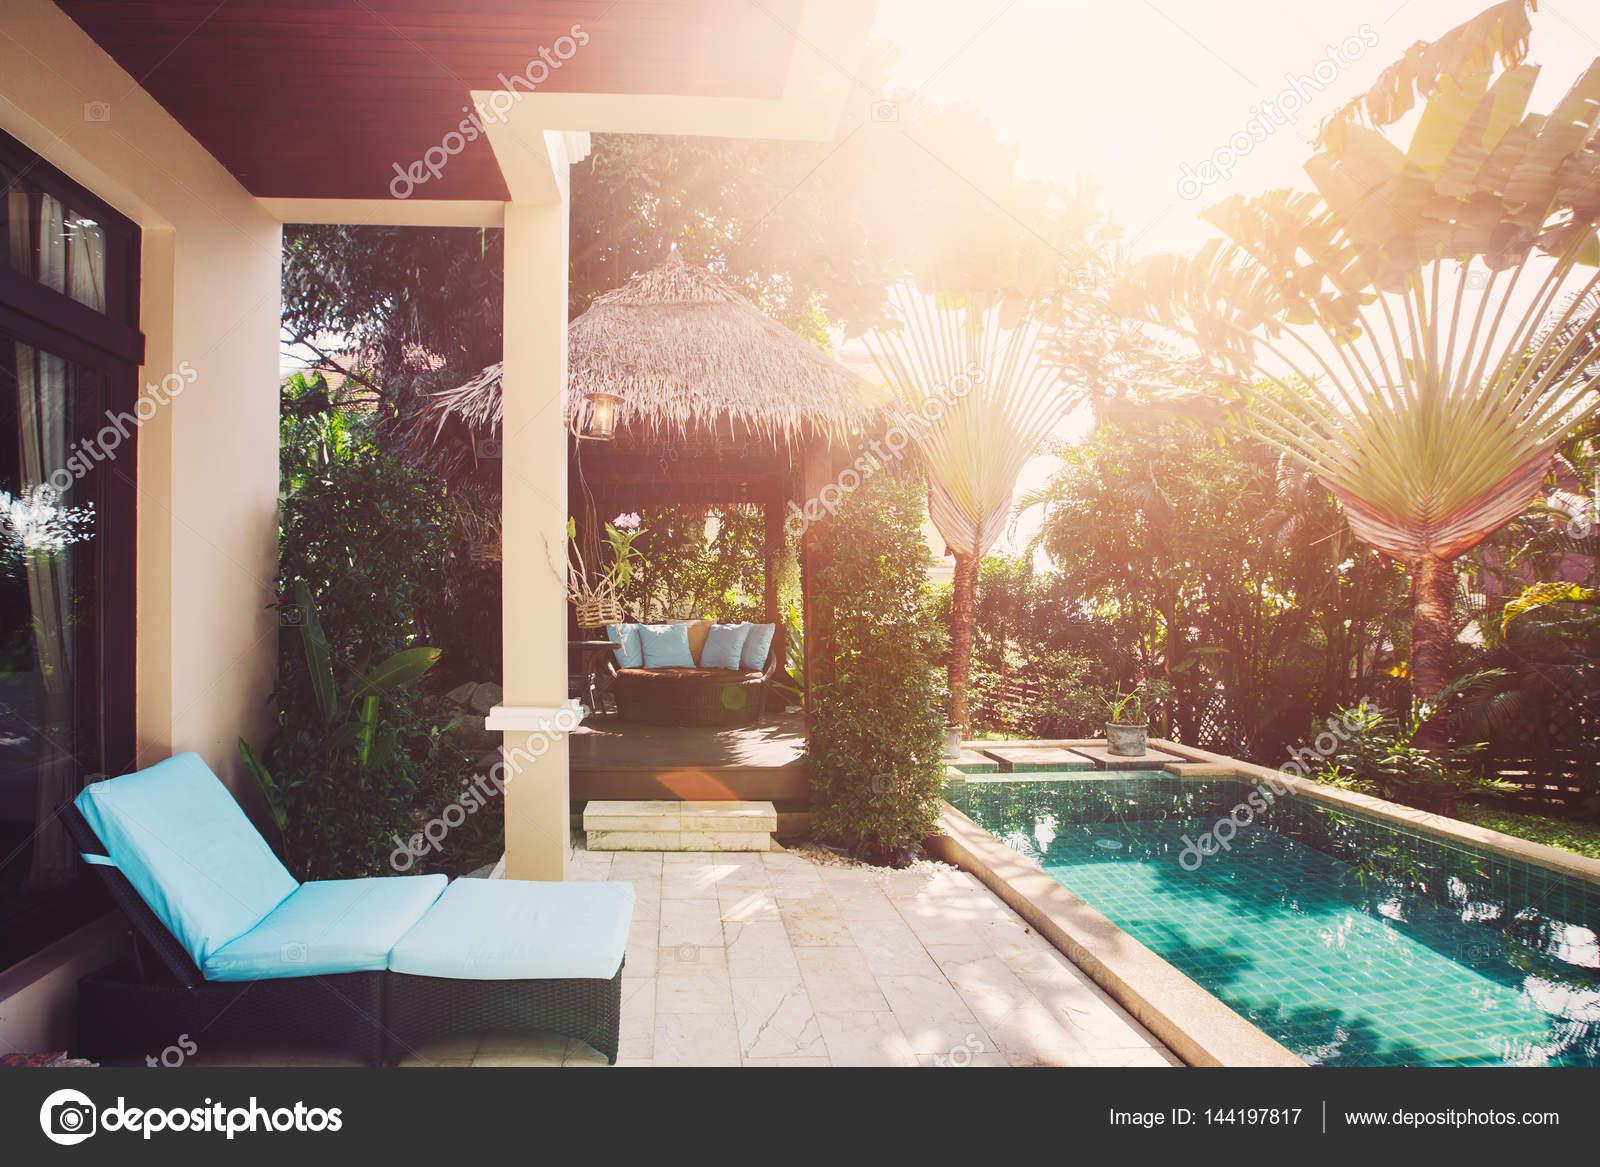 Luxevilla met zwembad interieur u2014 stockfoto © annatamila #144197817